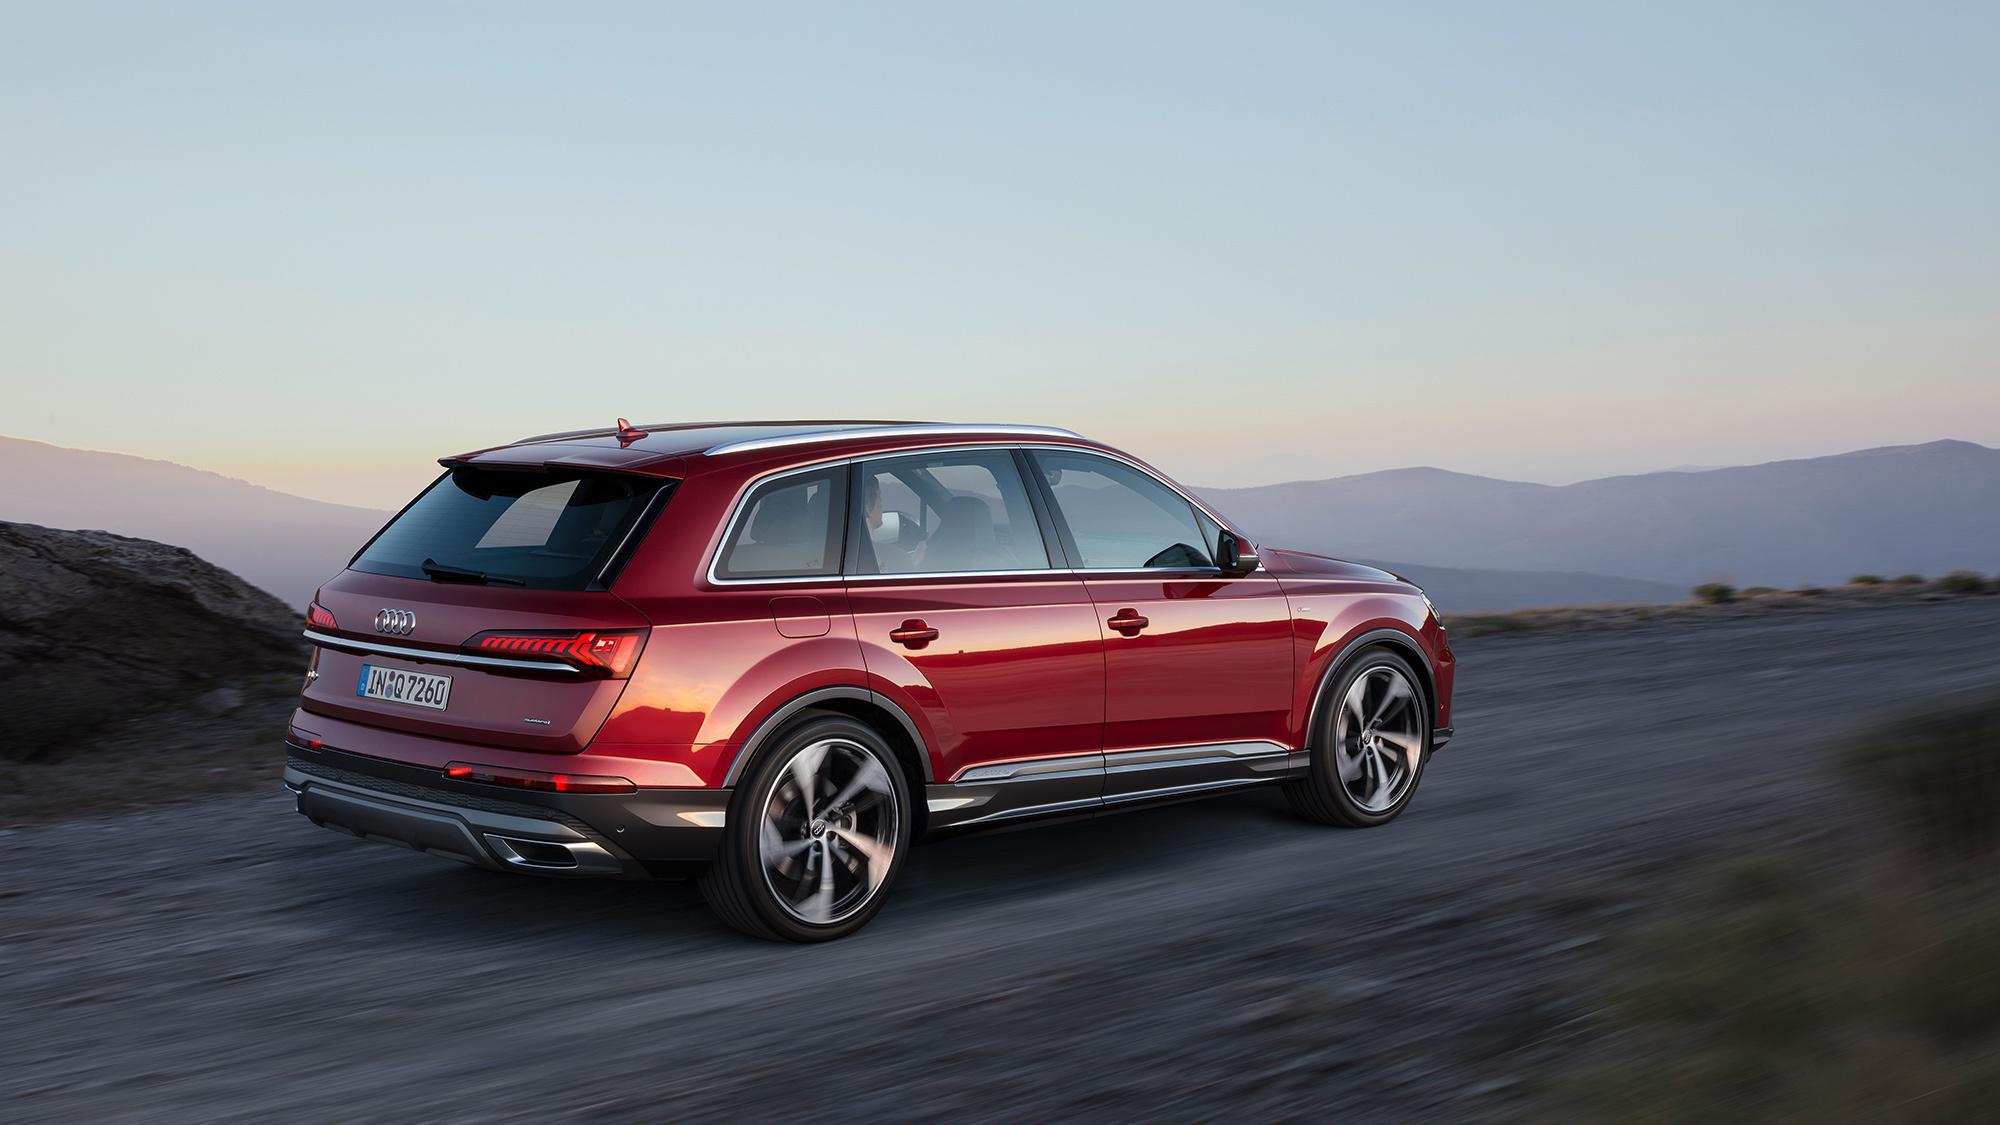 Audi Q7 3, описание модели